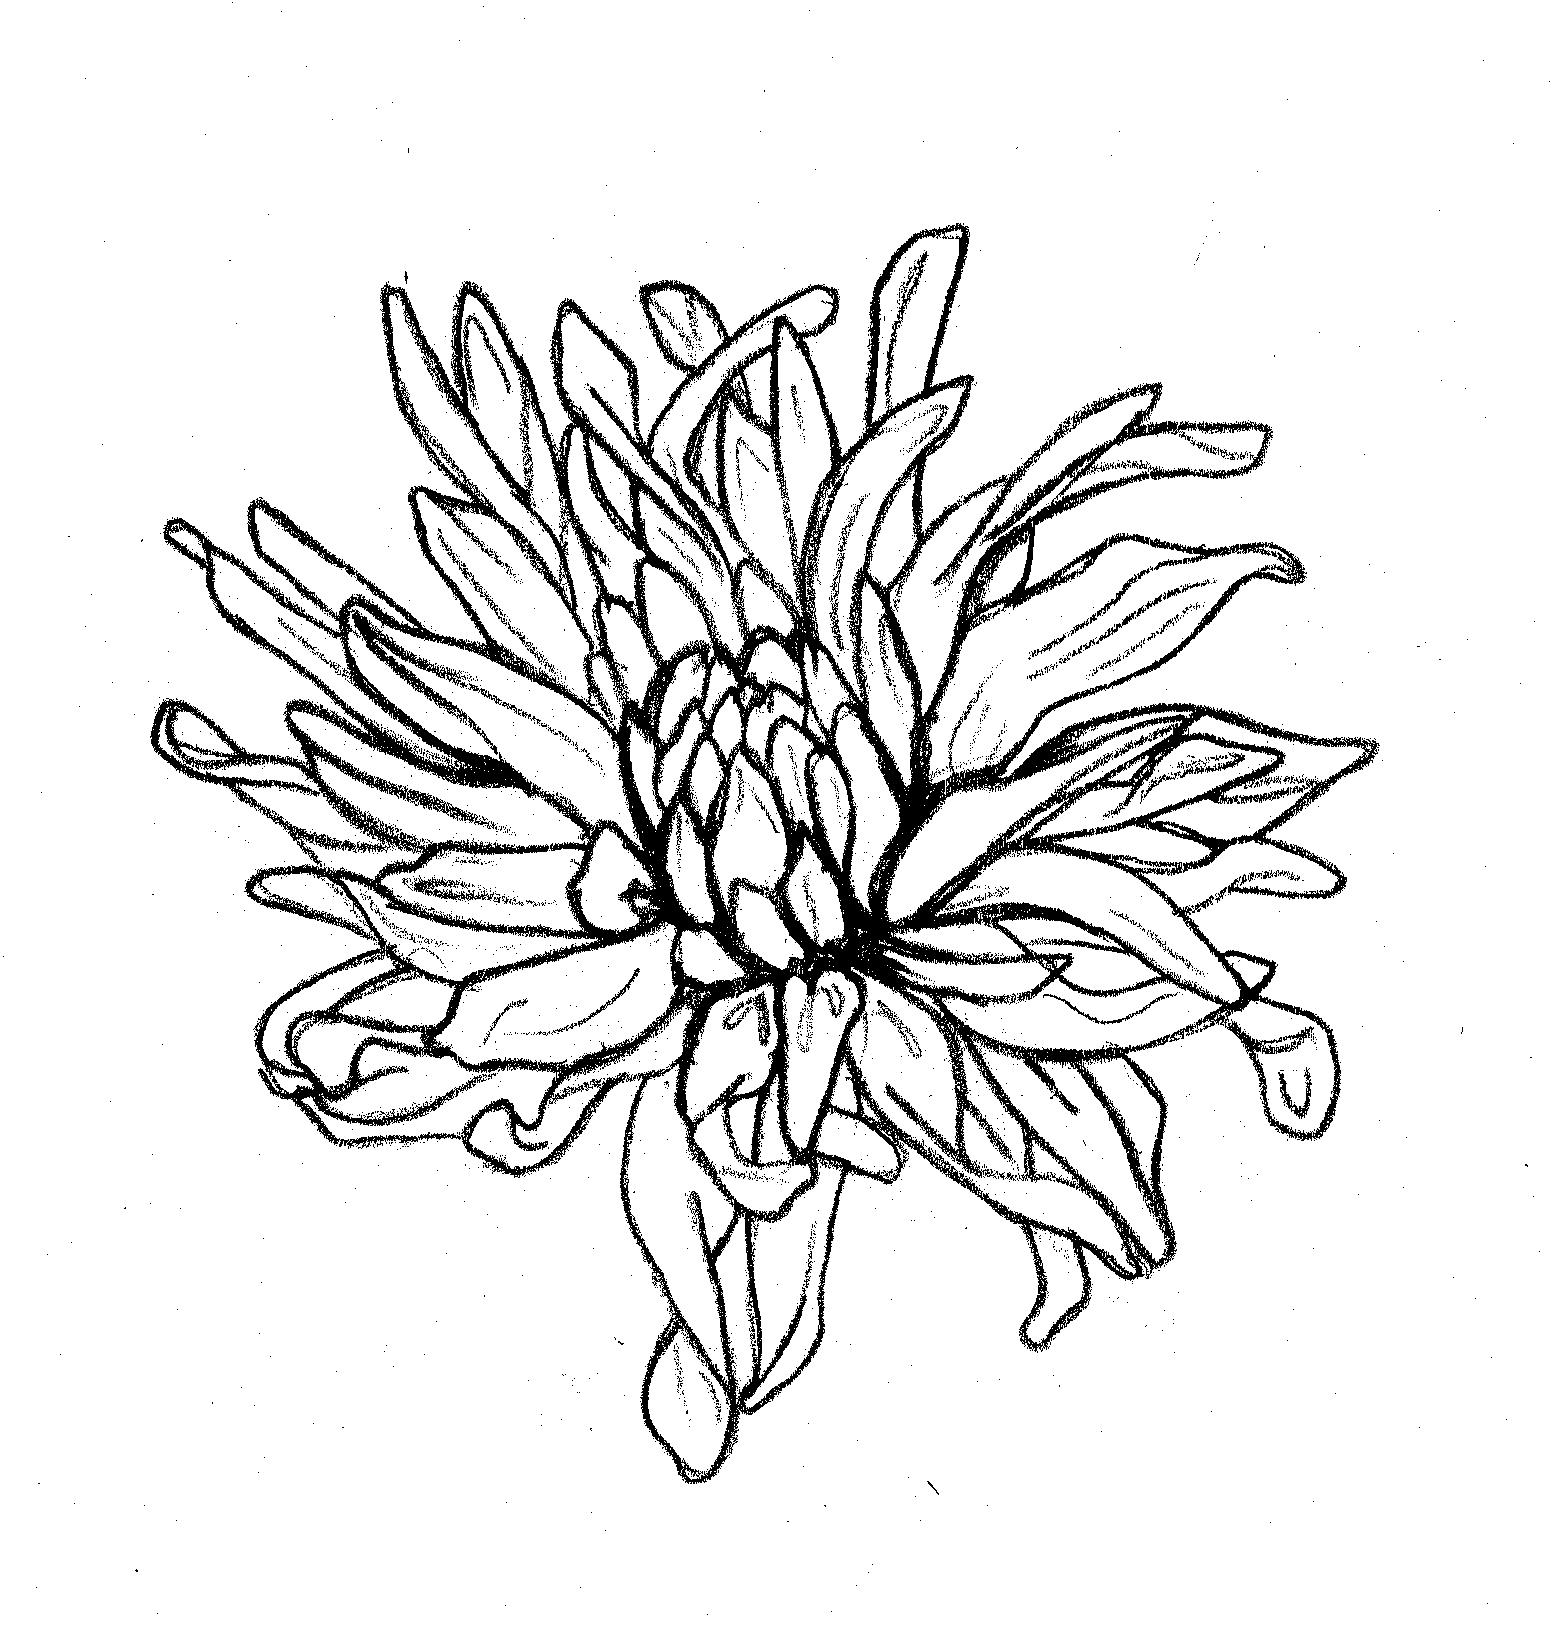 chrysanthemumdrawing.jpg